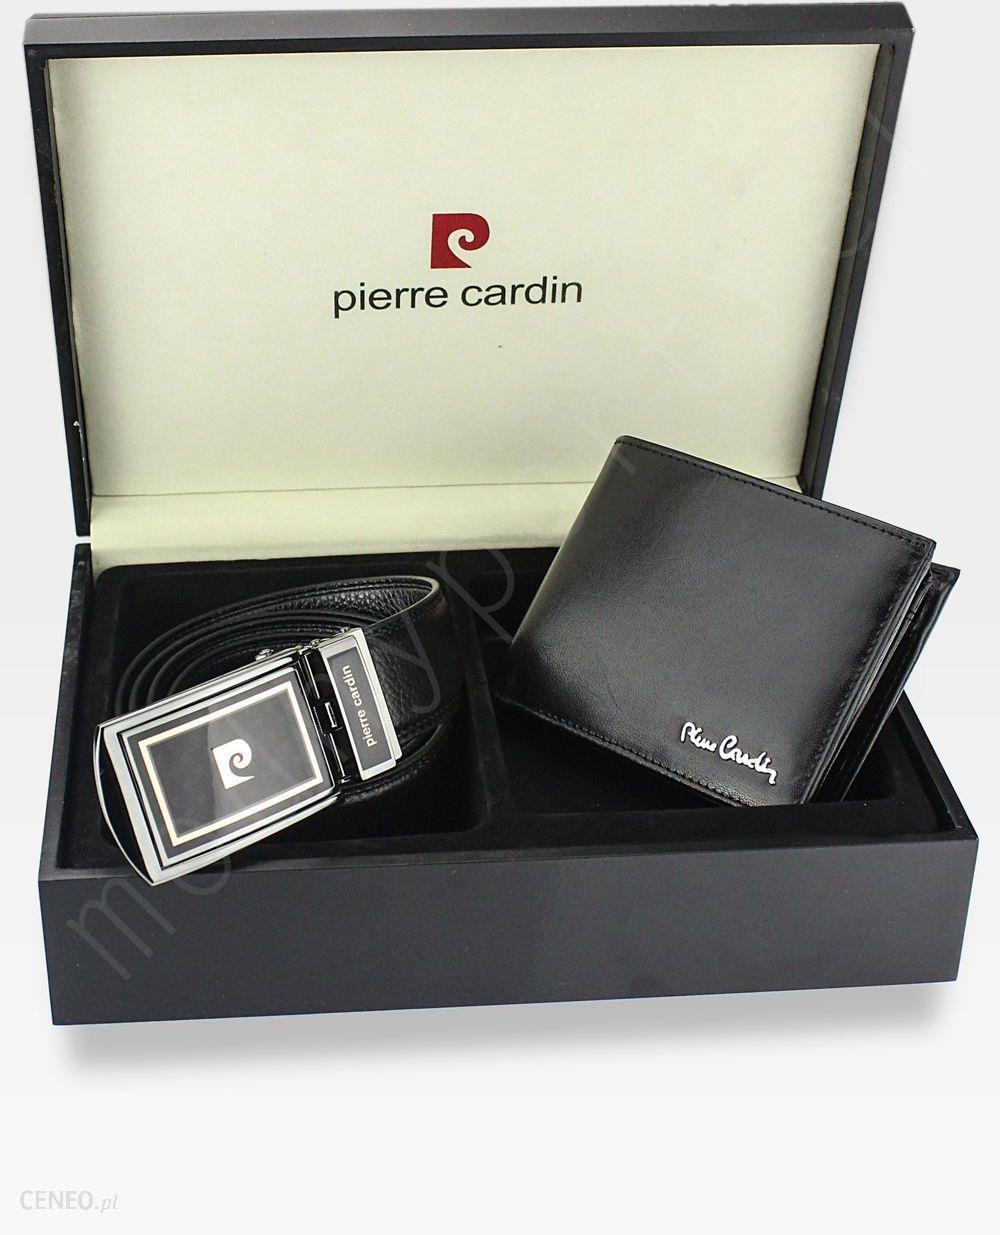 6d9b66b3d7a6b Zestaw Prezentowy Pierre Cardin Pasek i Portfel w drewnianym pudełku na  prezent 8806 - zdjęcie 1